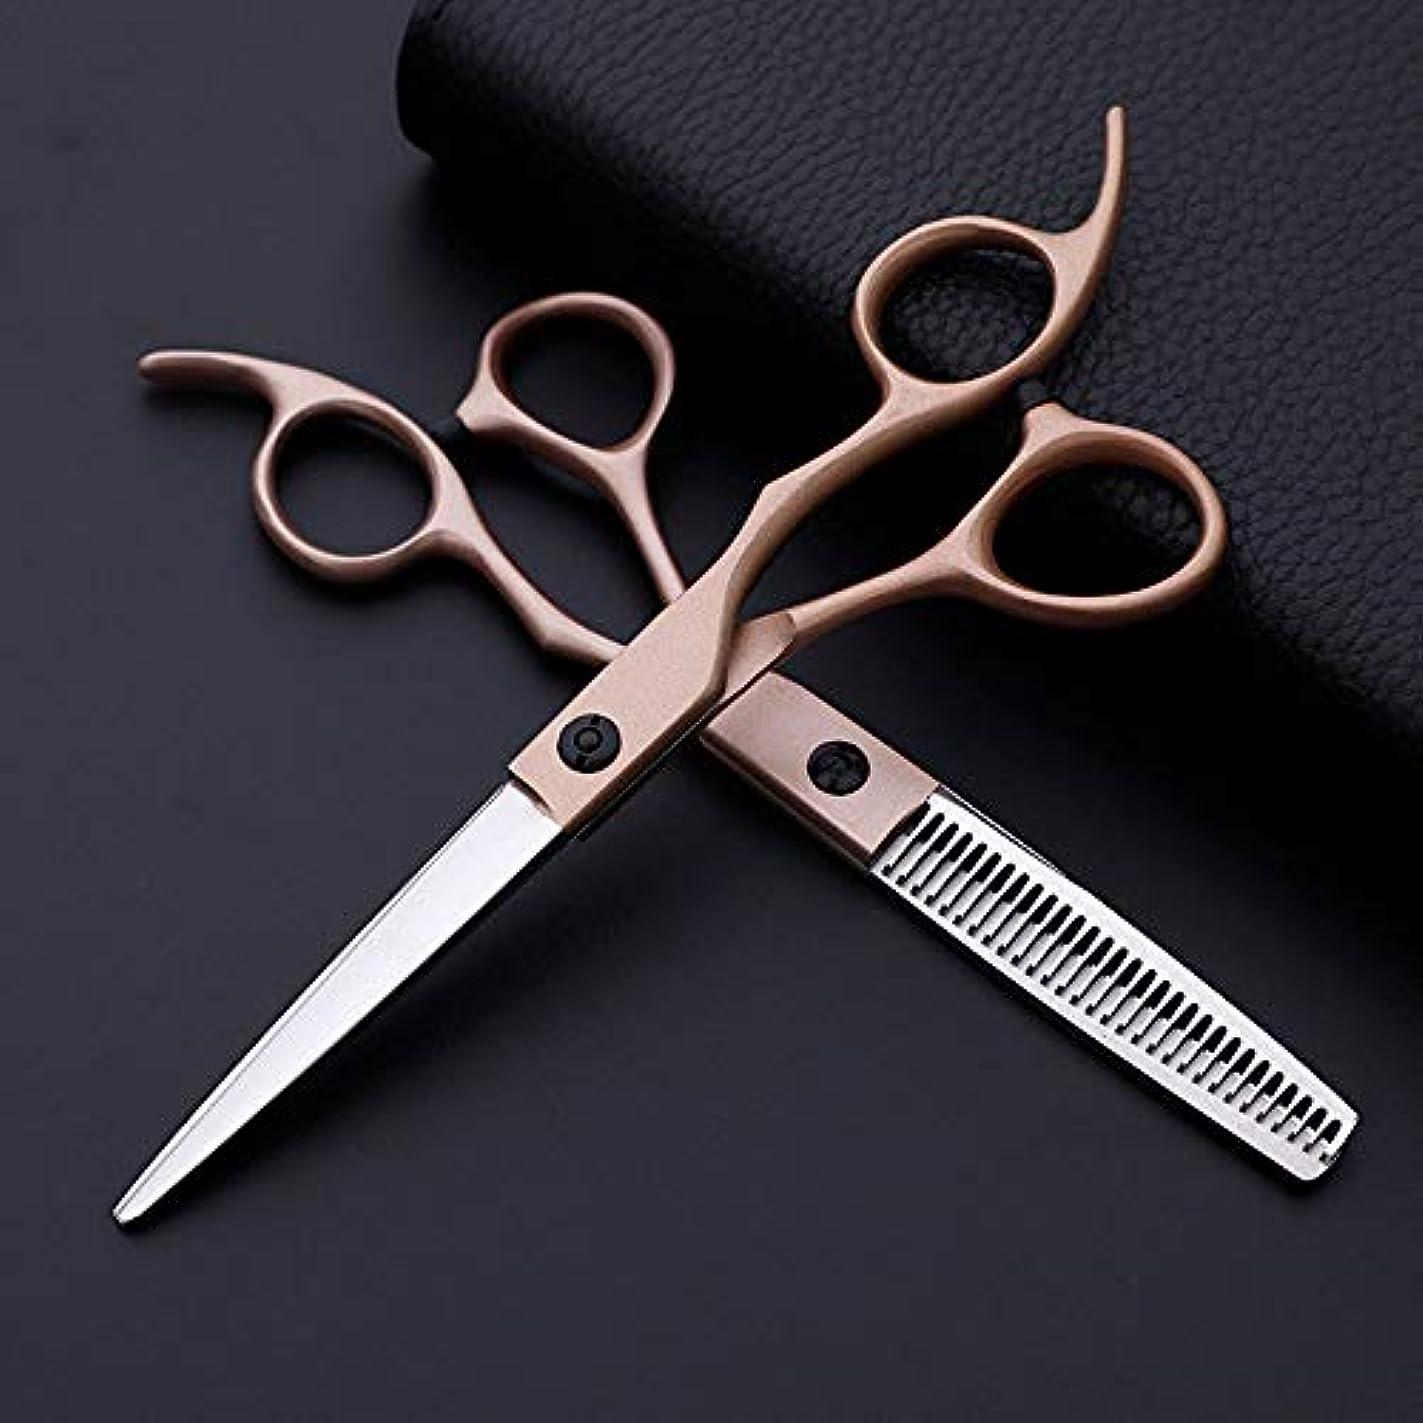 オペレーター九ライトニング6インチプロフェッショナル理髪セット、クラシック斜めハンドルローズゴールドフラット+ハサミ モデリングツール (色 : Rose gold)